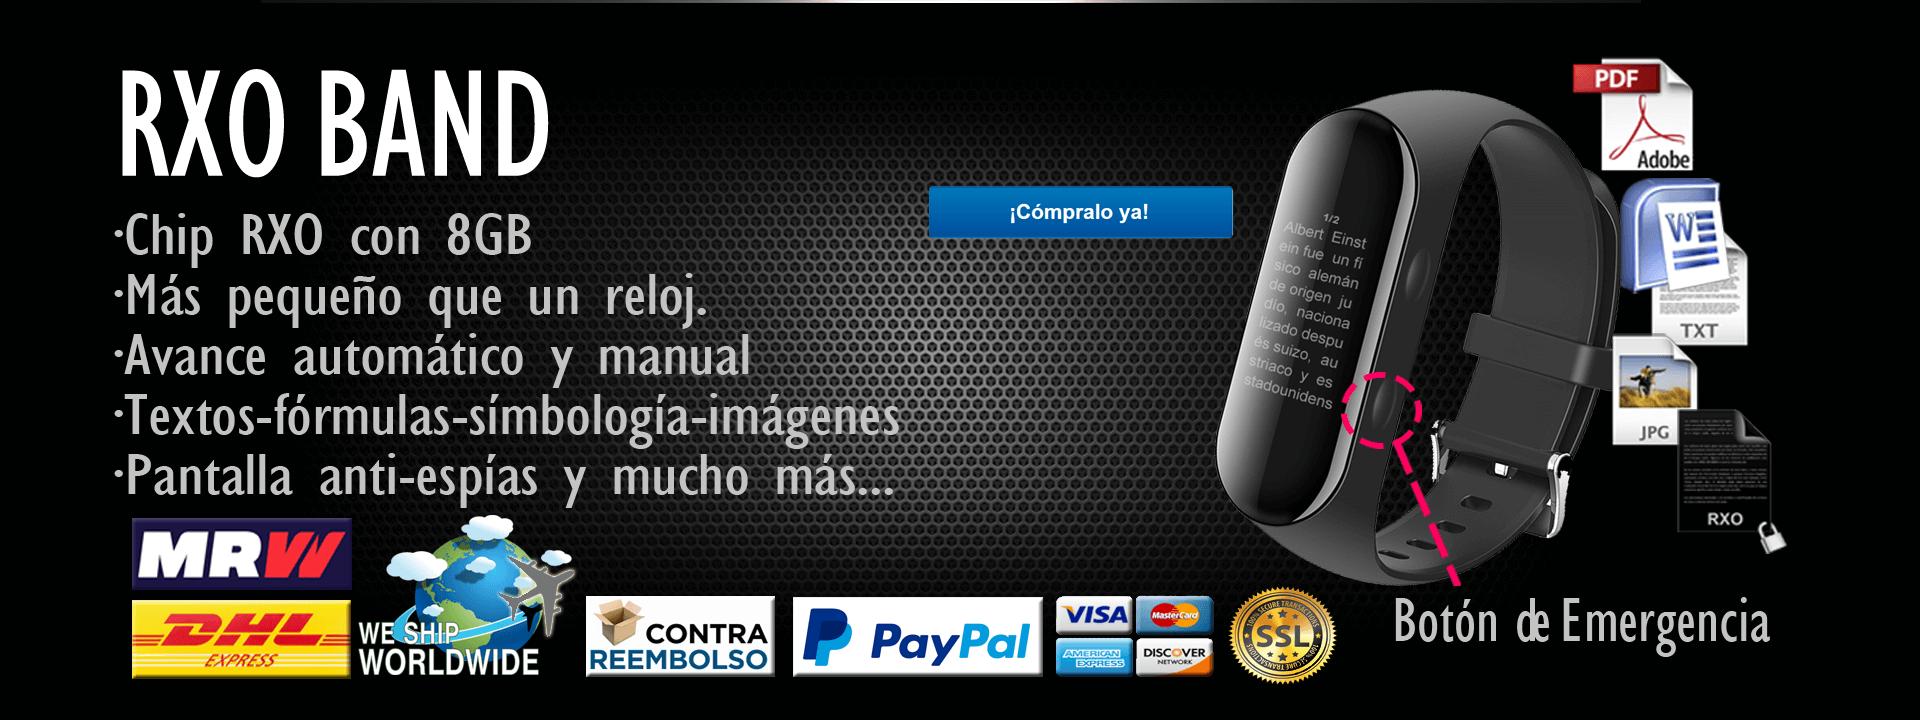 RXO SmartBand